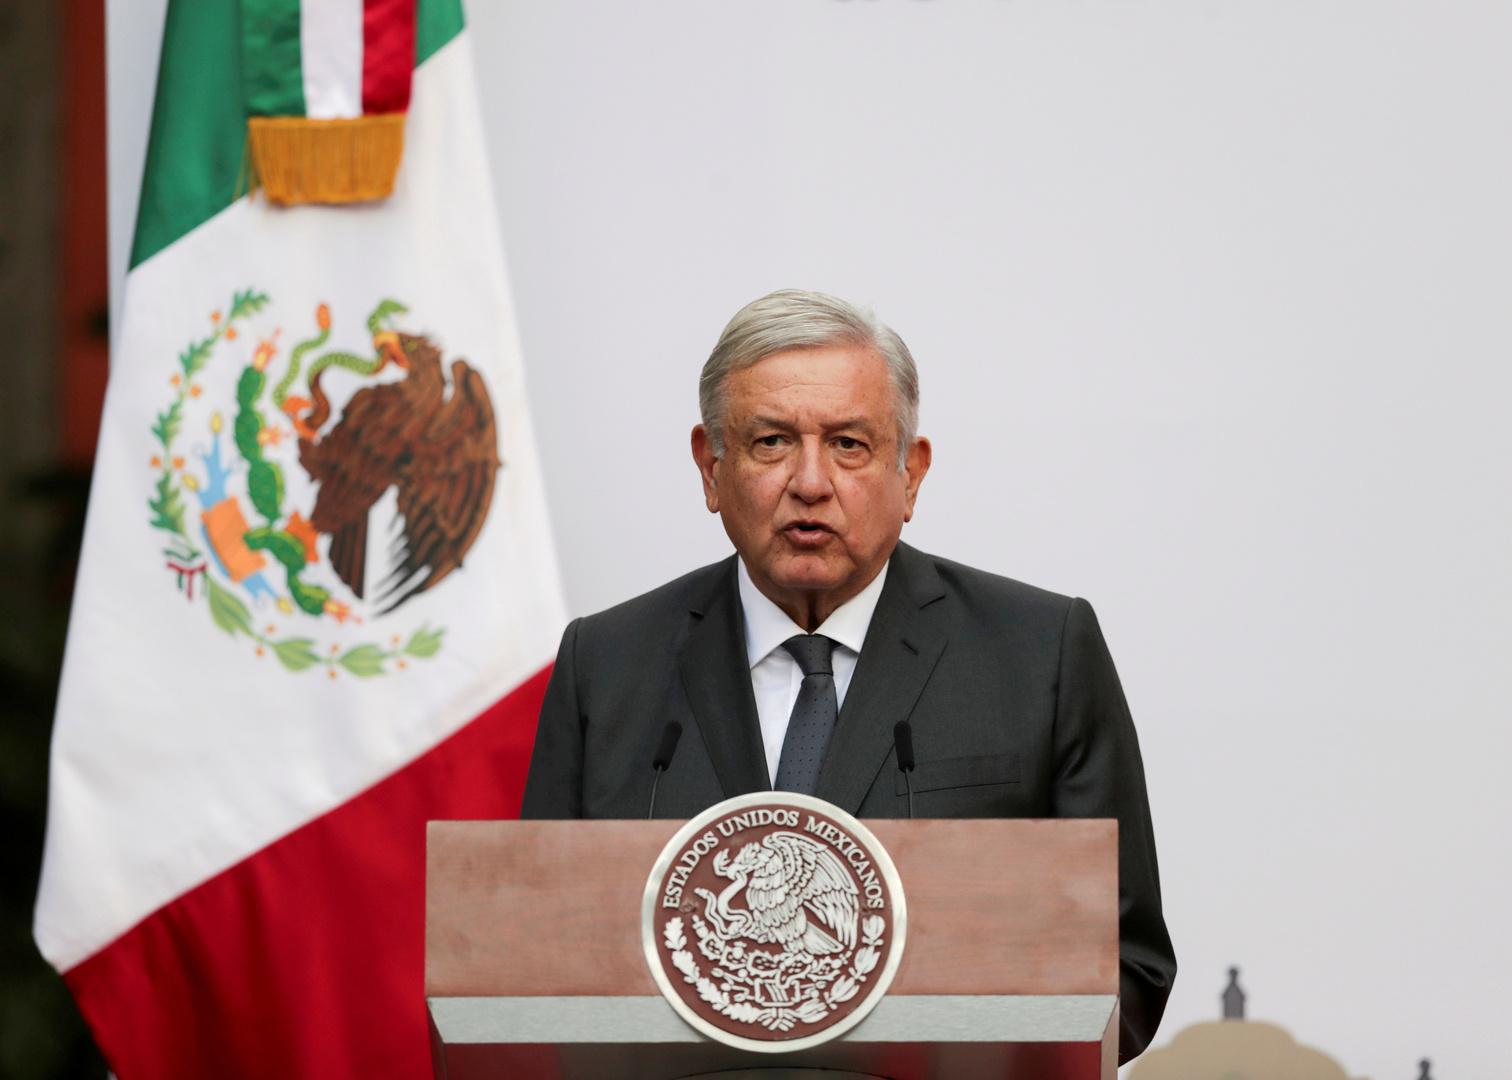 الرئيس المكسيكي يشكر بوتين على قراره توريد 24 مليون جرعة من لقاح